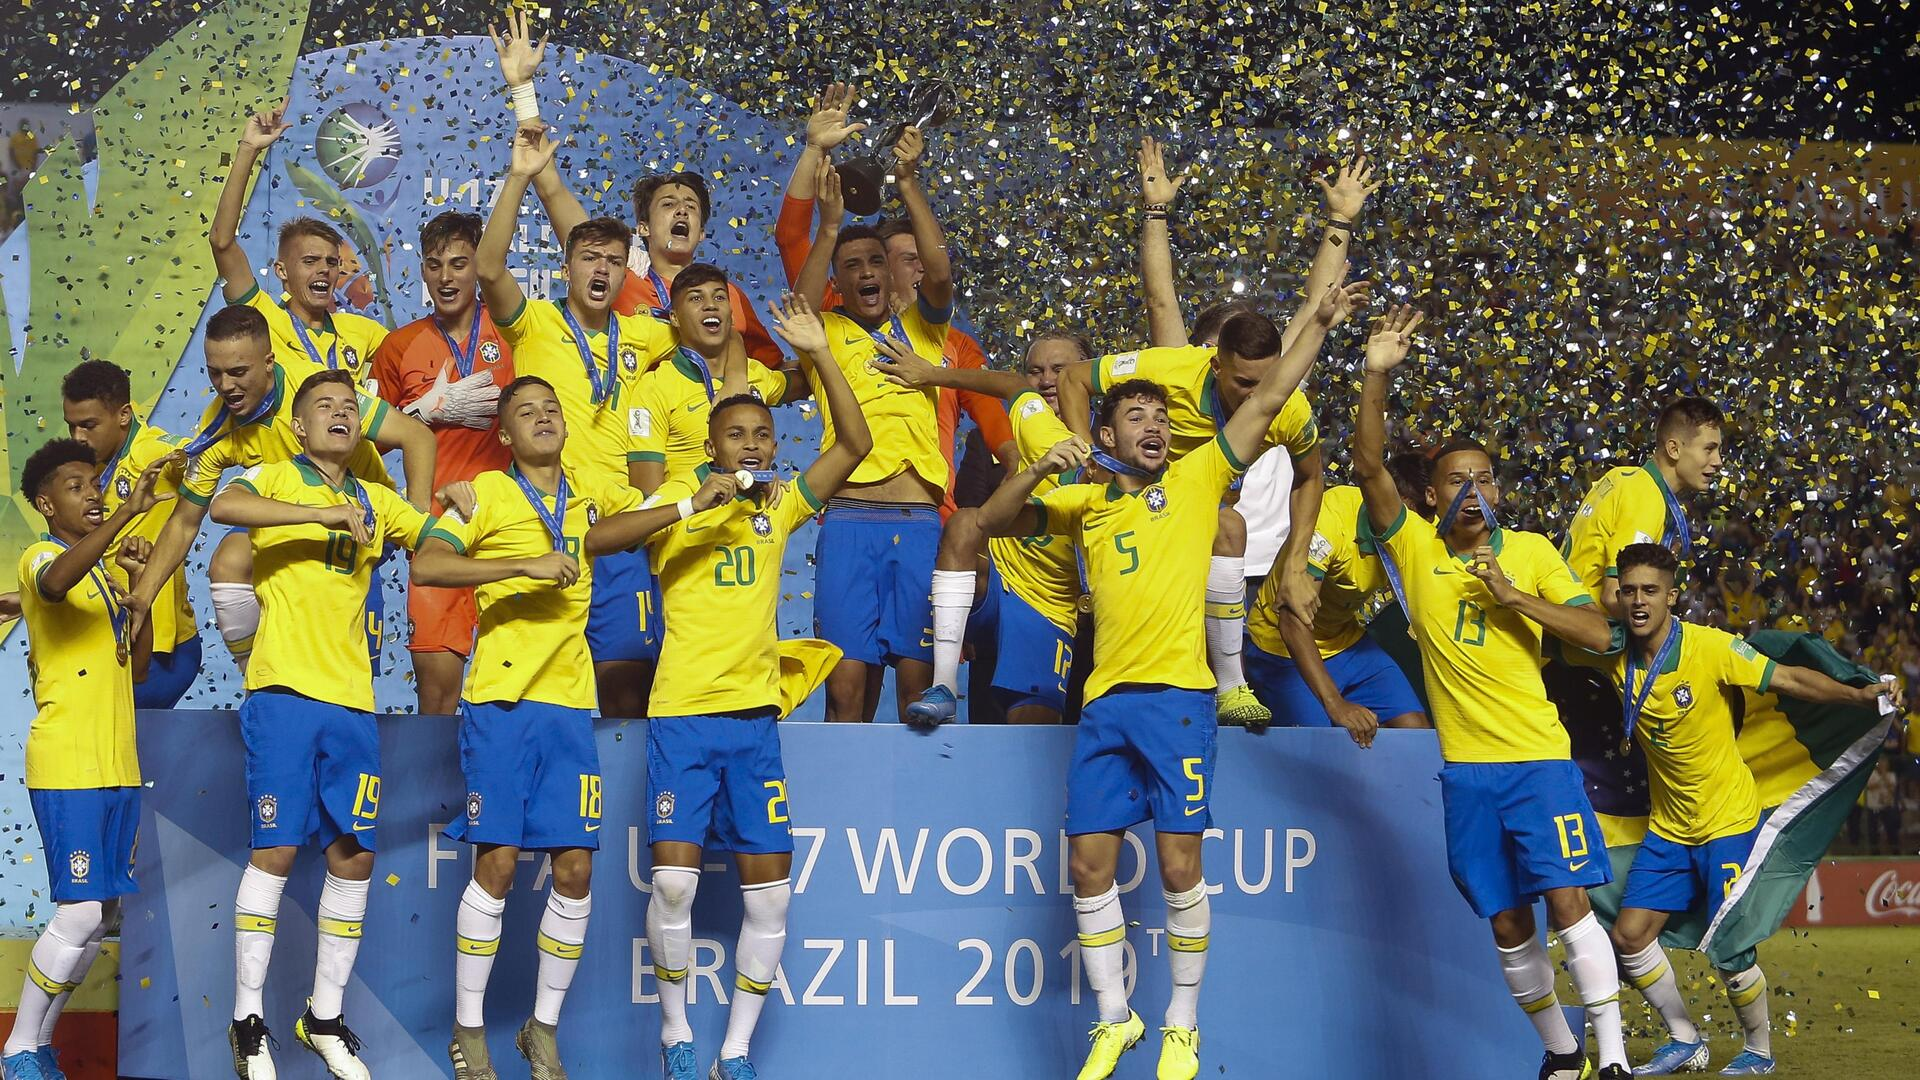 بالفيديو.. البرازيل تلسع المكسيك في الدقيقة 90 وتتوج بمونديال الشبان